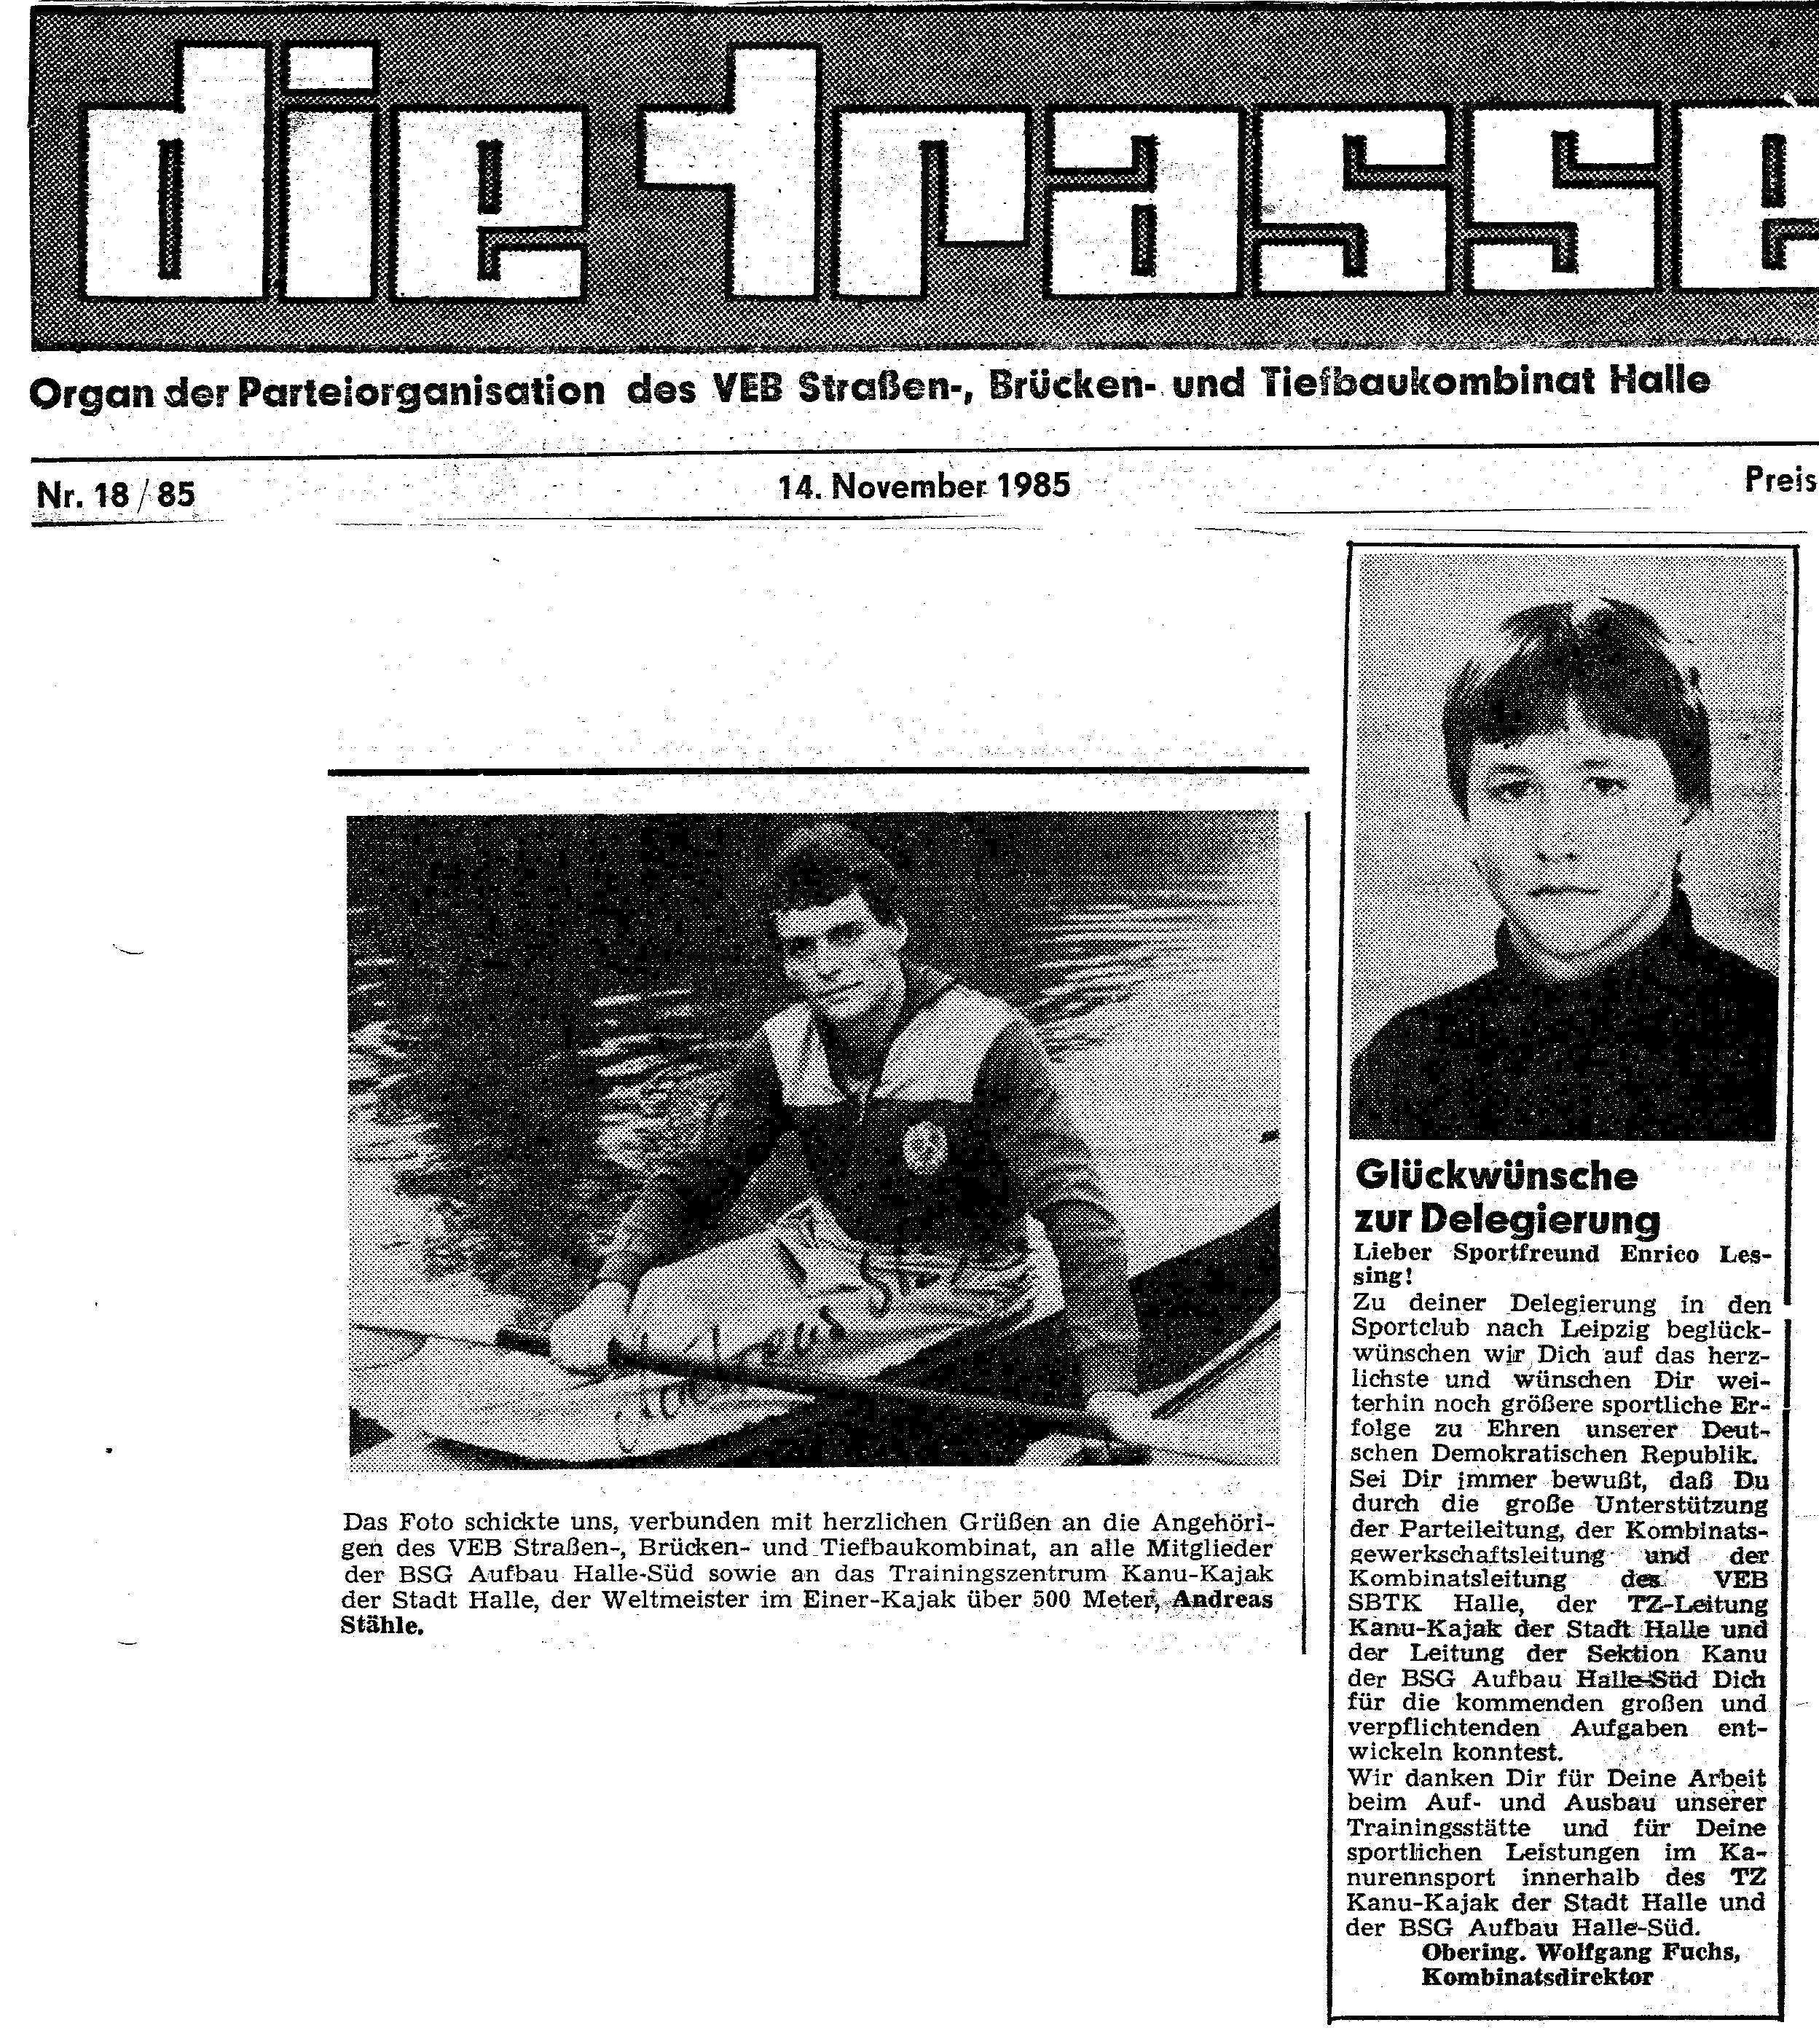 1985-11-14 Trasse Stähle, Enrico Lessing